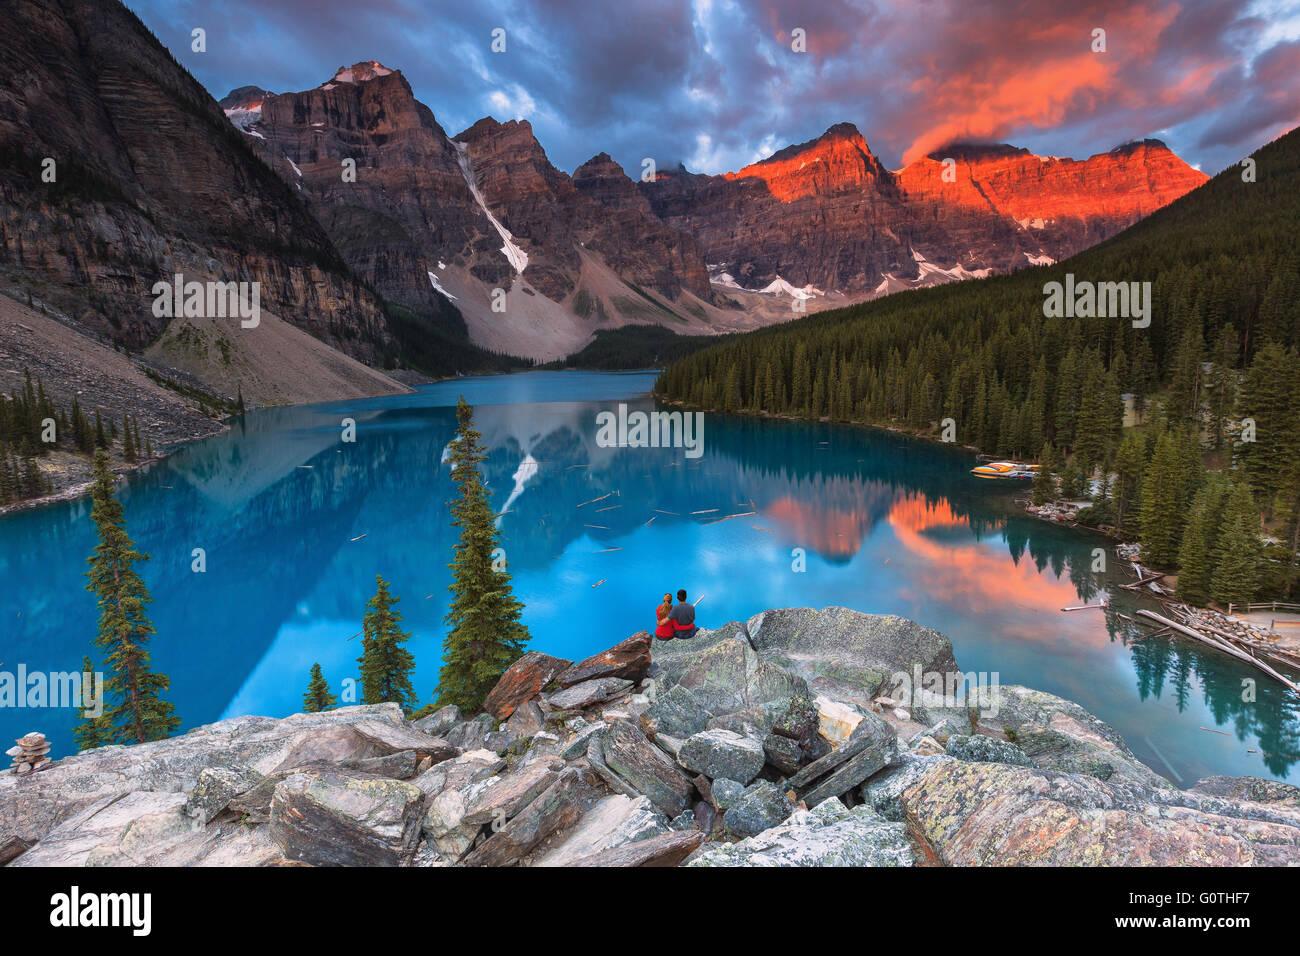 Una joven pareja en el lago Moraine por Sunrise. Parque Nacional de Banff, Alberta, Canadá. Imagen De Stock